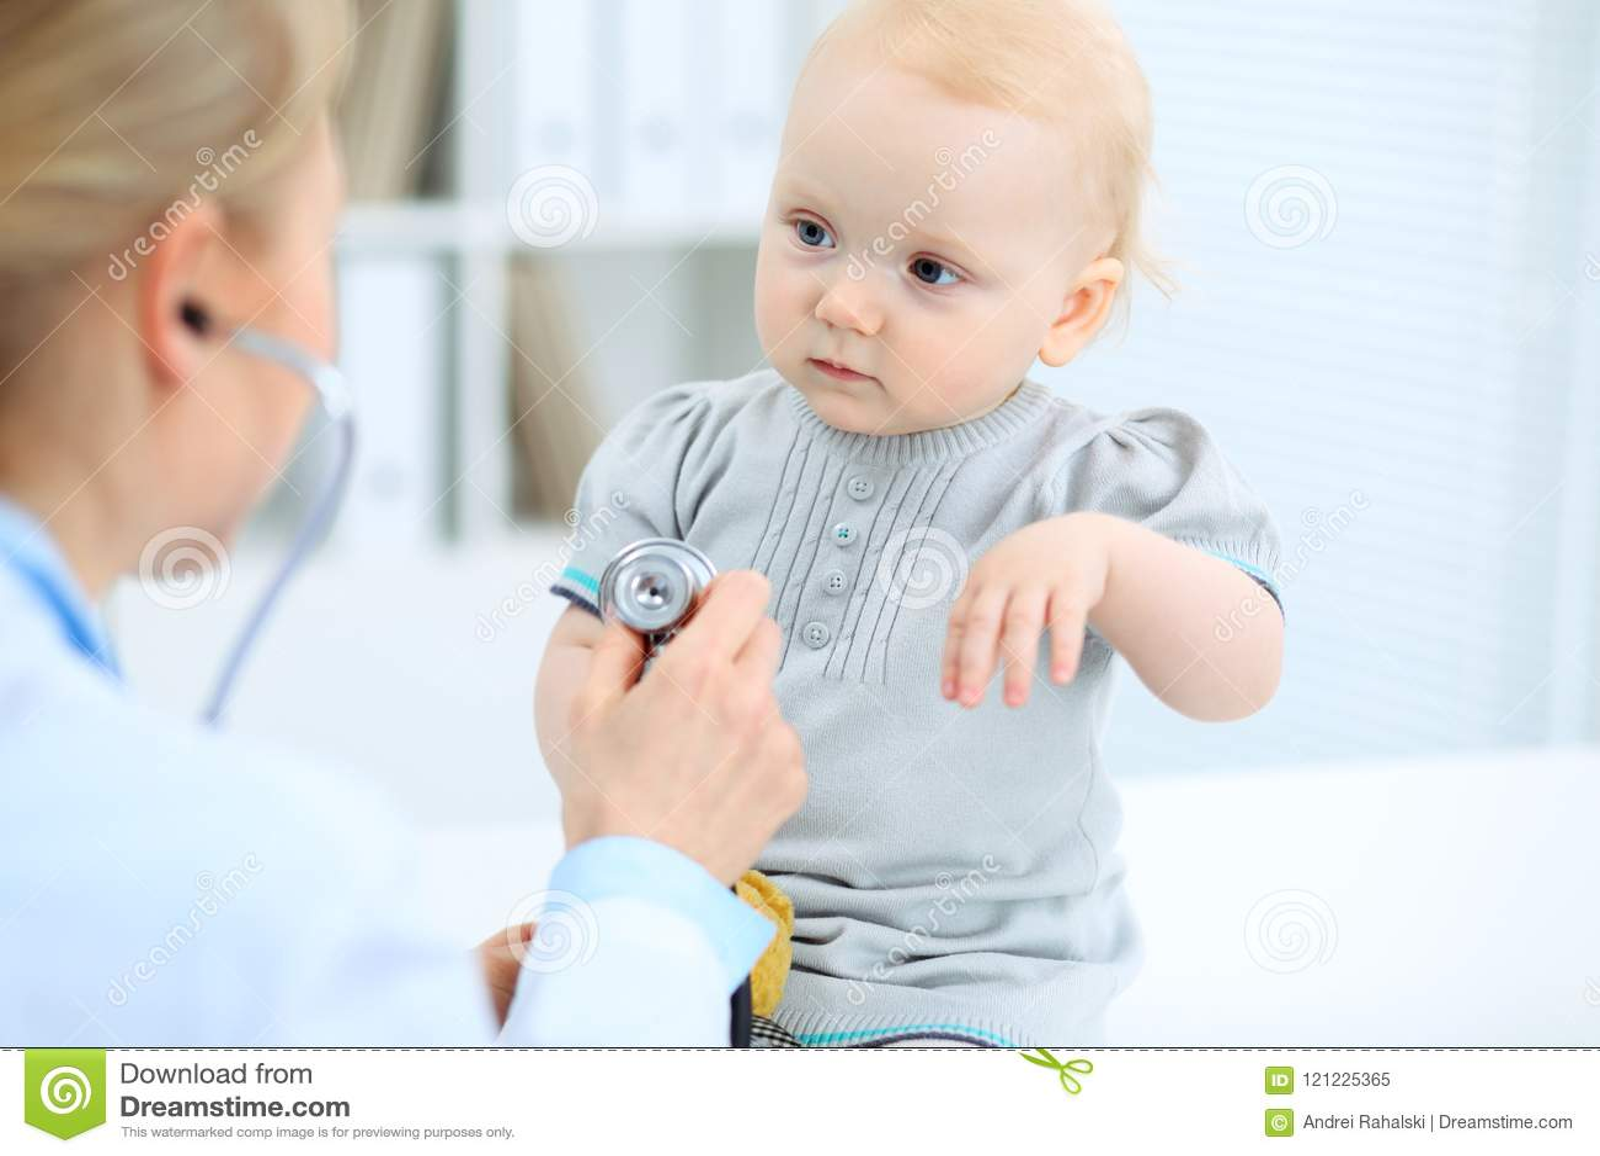 Lekarka i pacjent w szpitalu Mała dziewczynka ono egzamininuje pediatra z stetoskopem opieki zdrowie medycyna